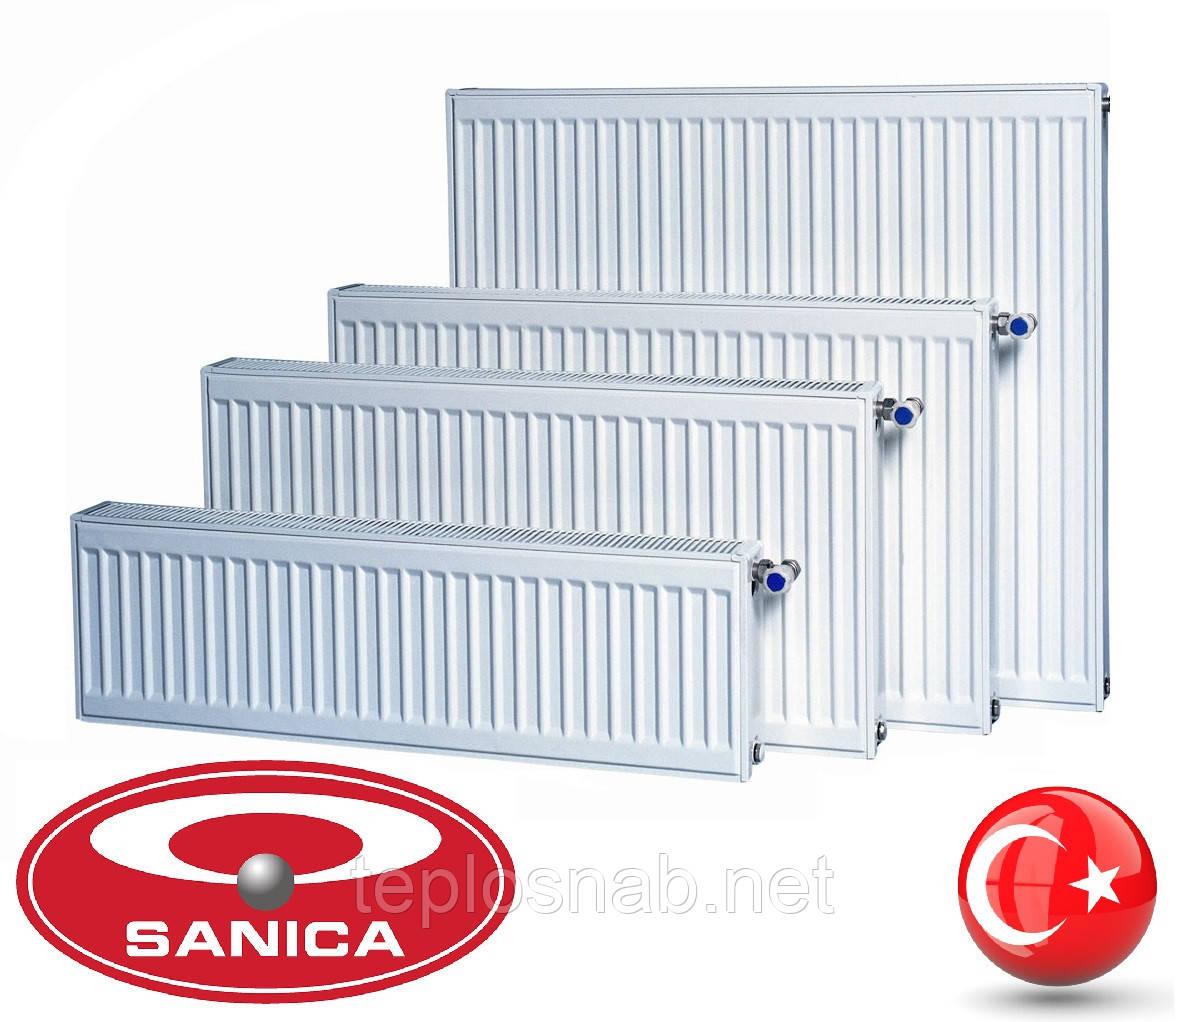 Стальной радиатор Sanica 22 тип (300 х 2400 мм) / 3048 Вт